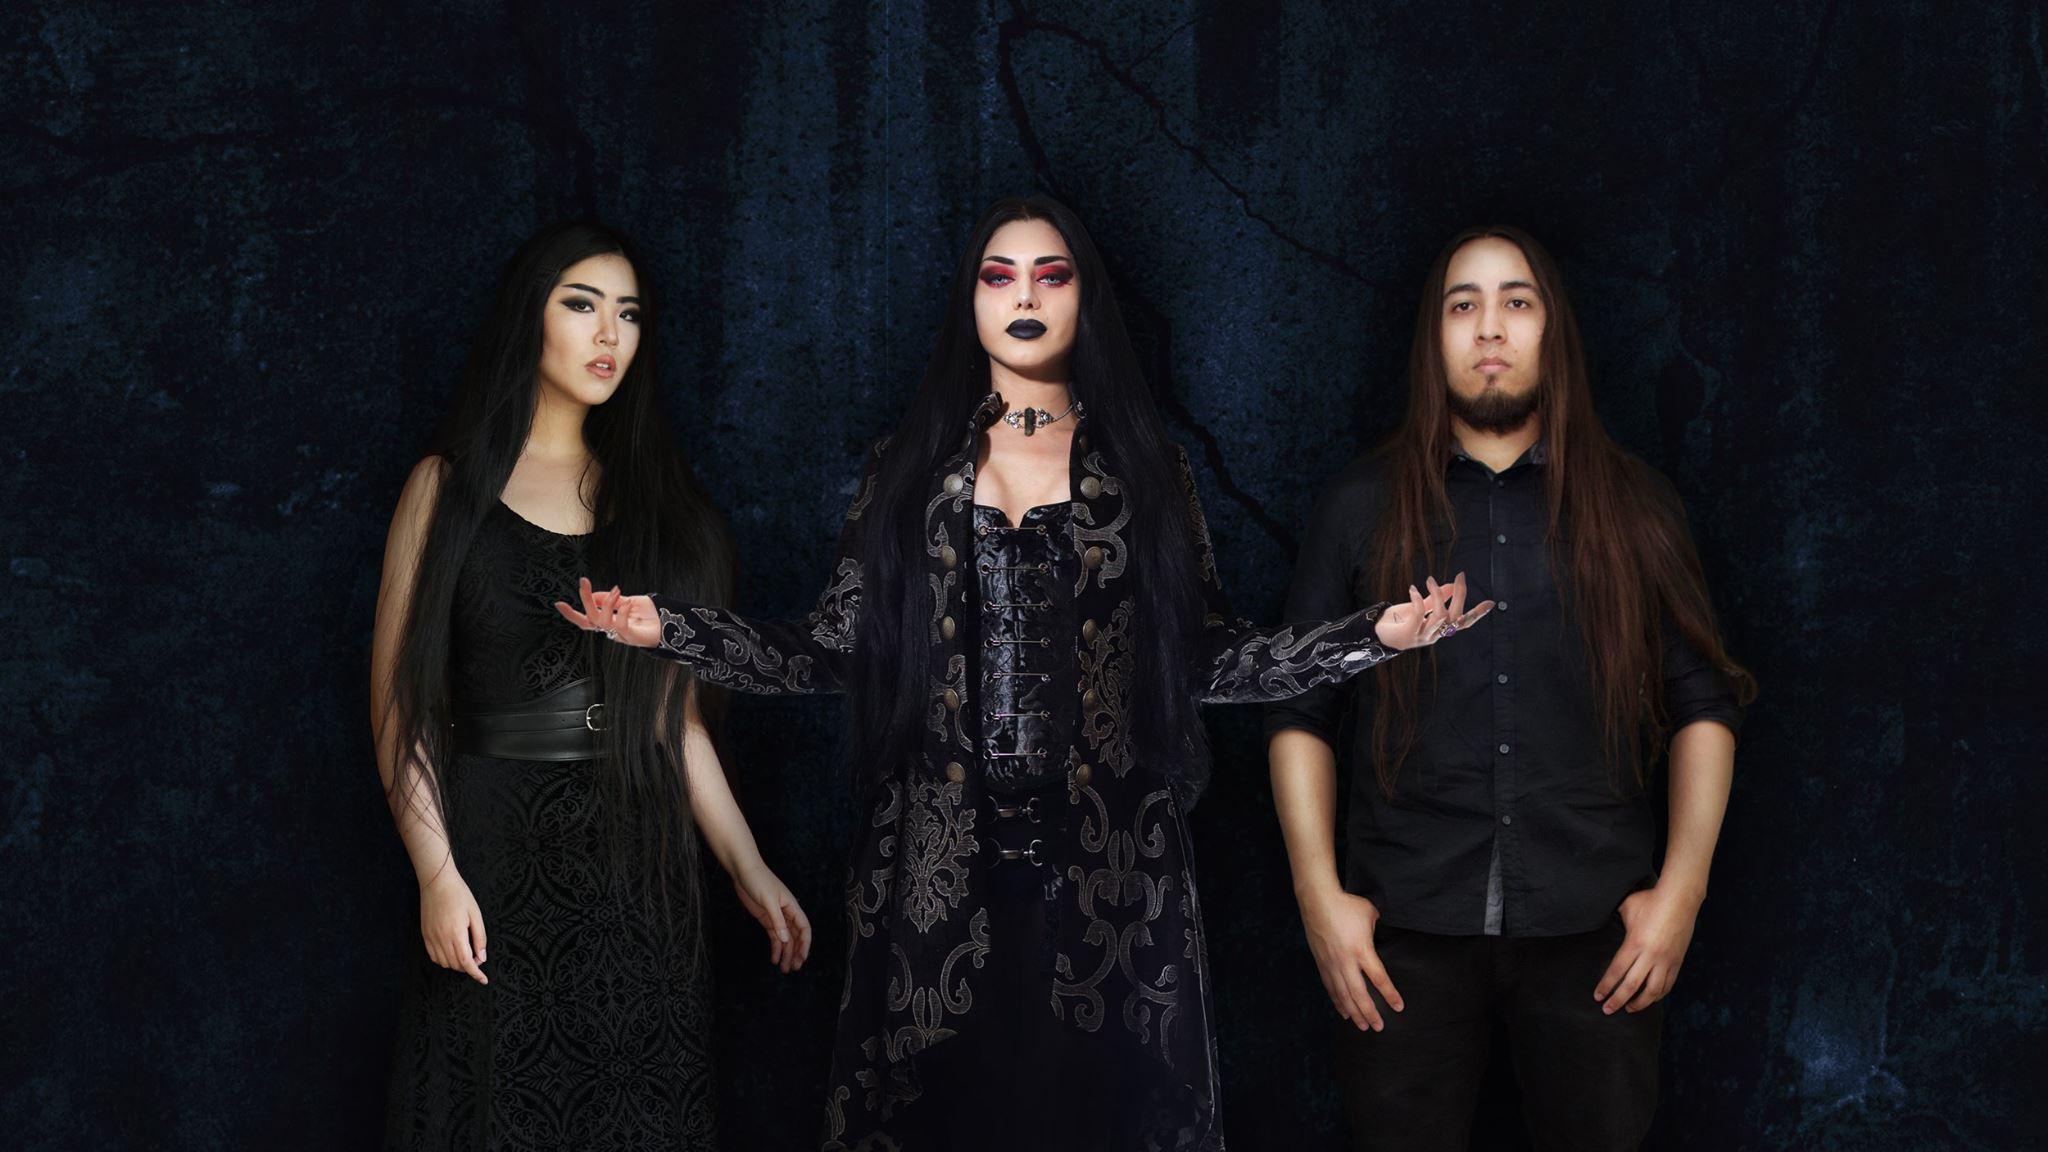 知名金屬肚皮舞孃 Mahafsoun 的首支樂團 Akheth 公布新單曲影音 Let Me Feel The Pain